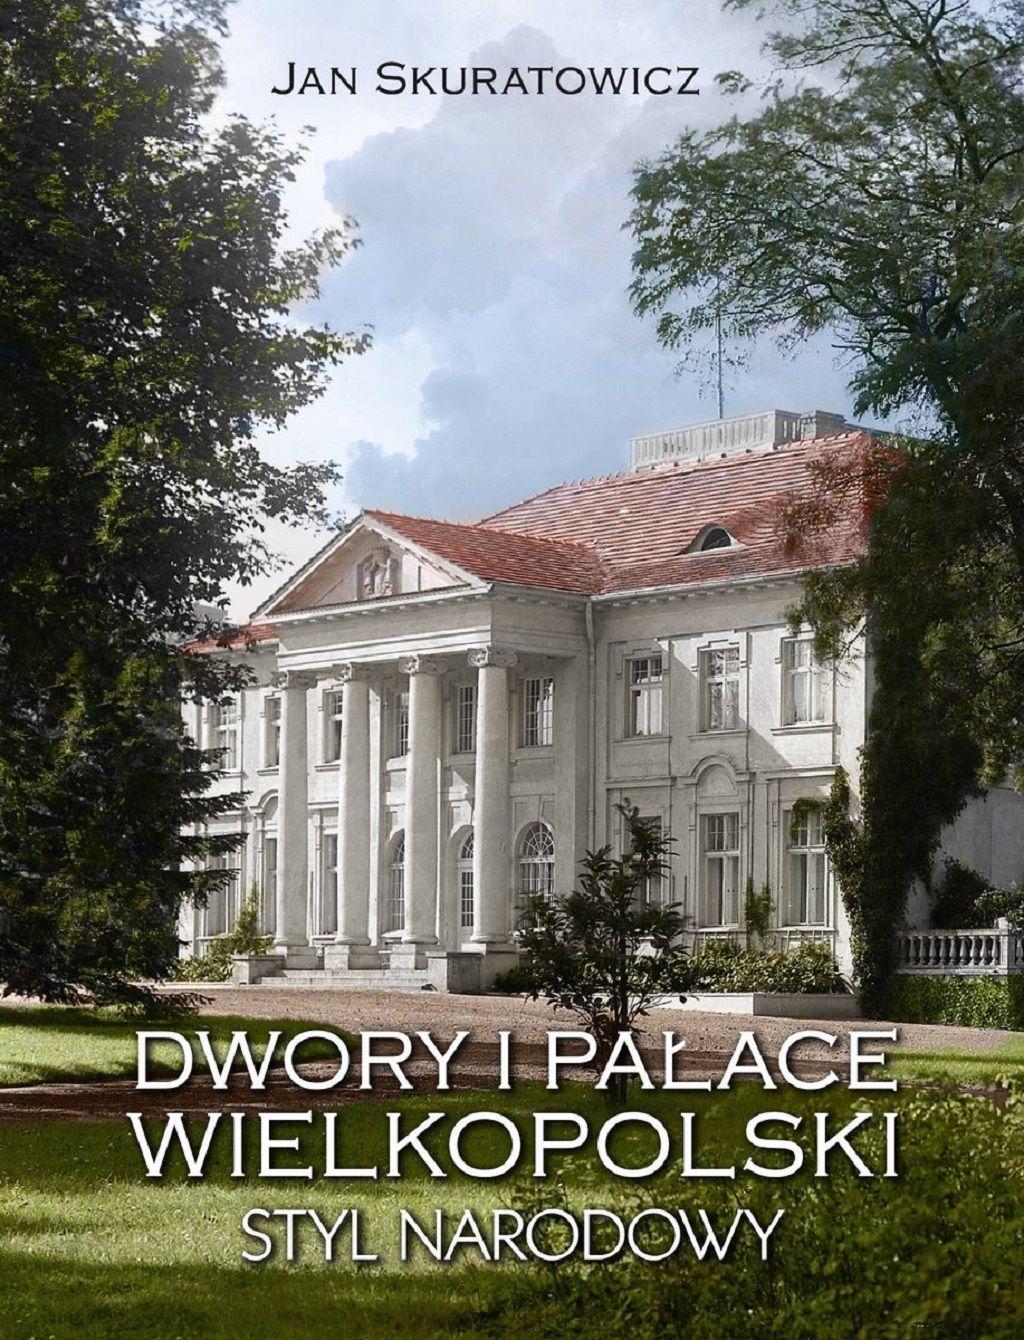 Jan Skuratowicz – Dwory i pałace Wielkopolski. Styl narodowy